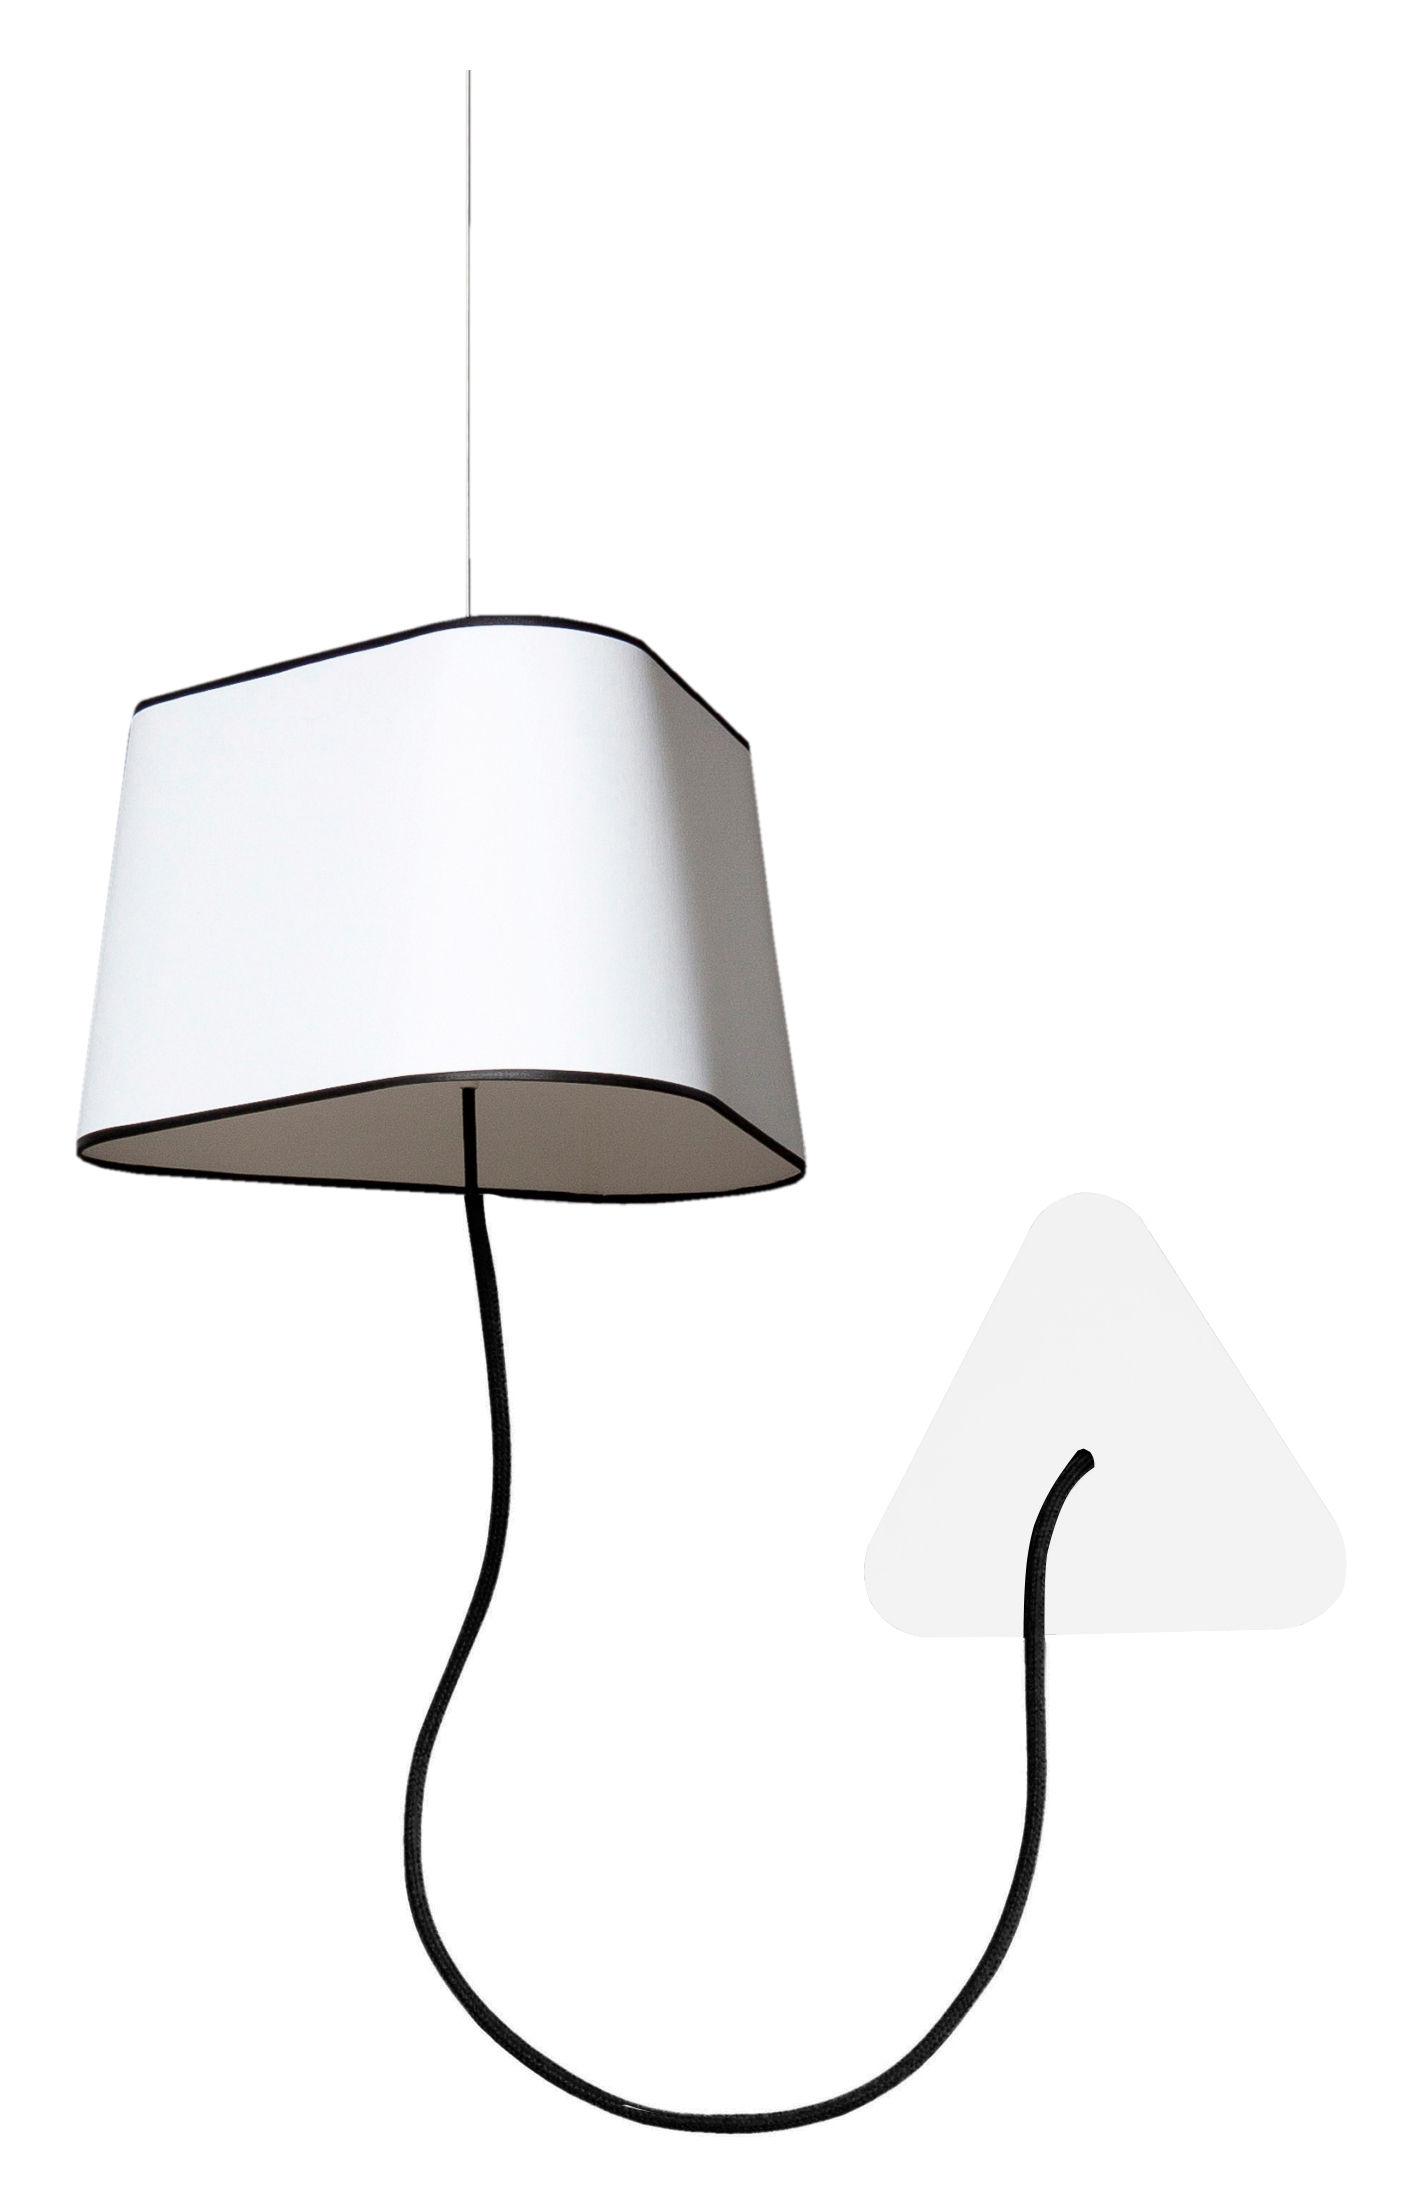 applique petit nuage l 24 cm fixation au plafond tissu. Black Bedroom Furniture Sets. Home Design Ideas